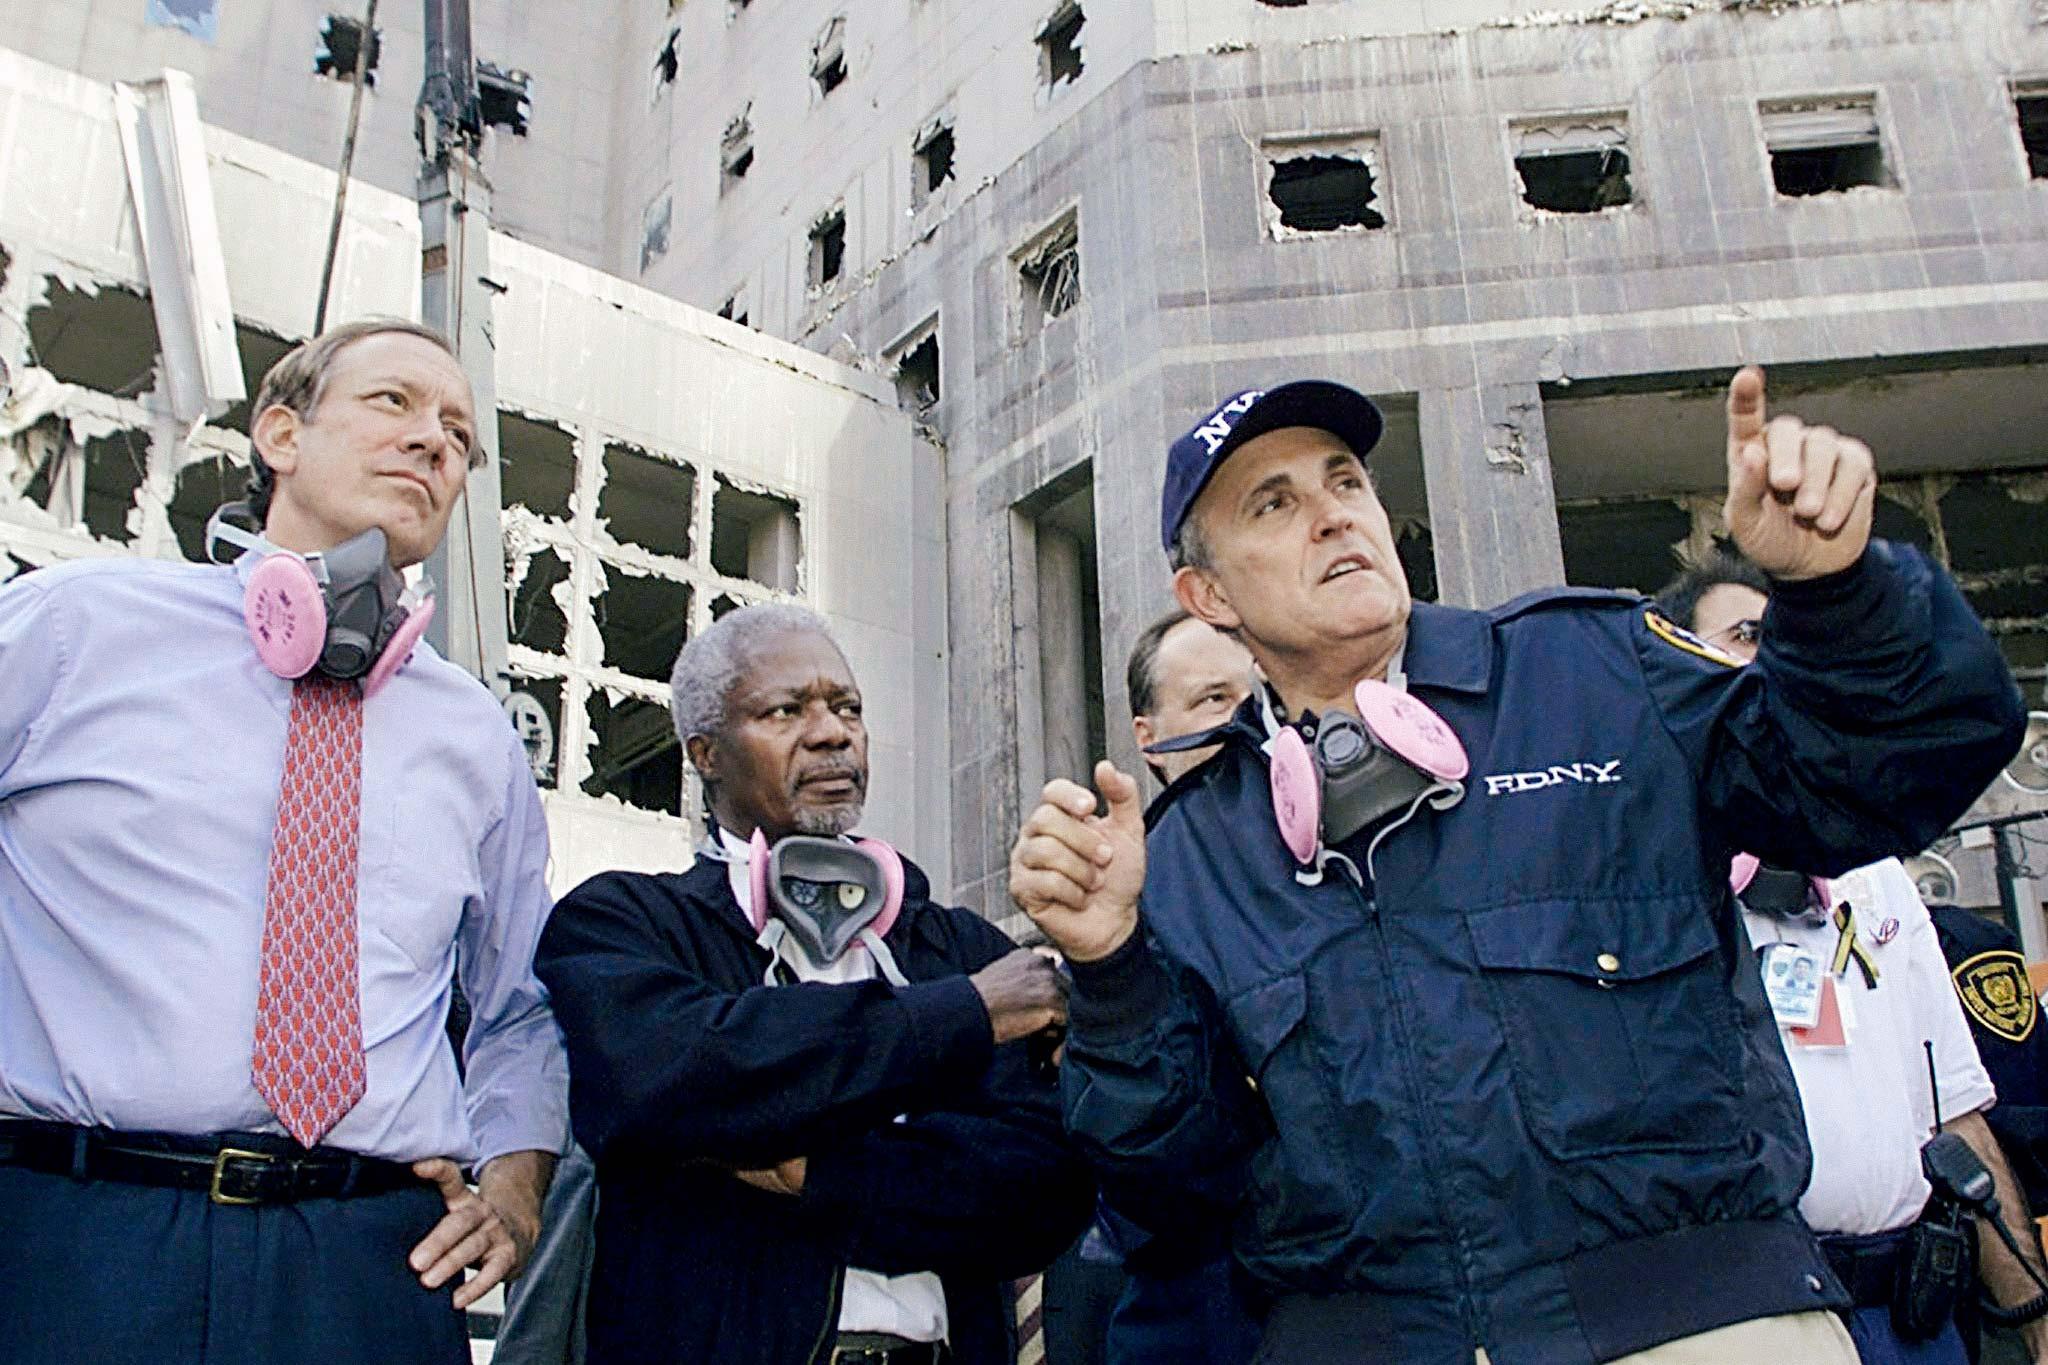 George Pataki, Kofi Annan, and Rudy Giuliani at ground zero.